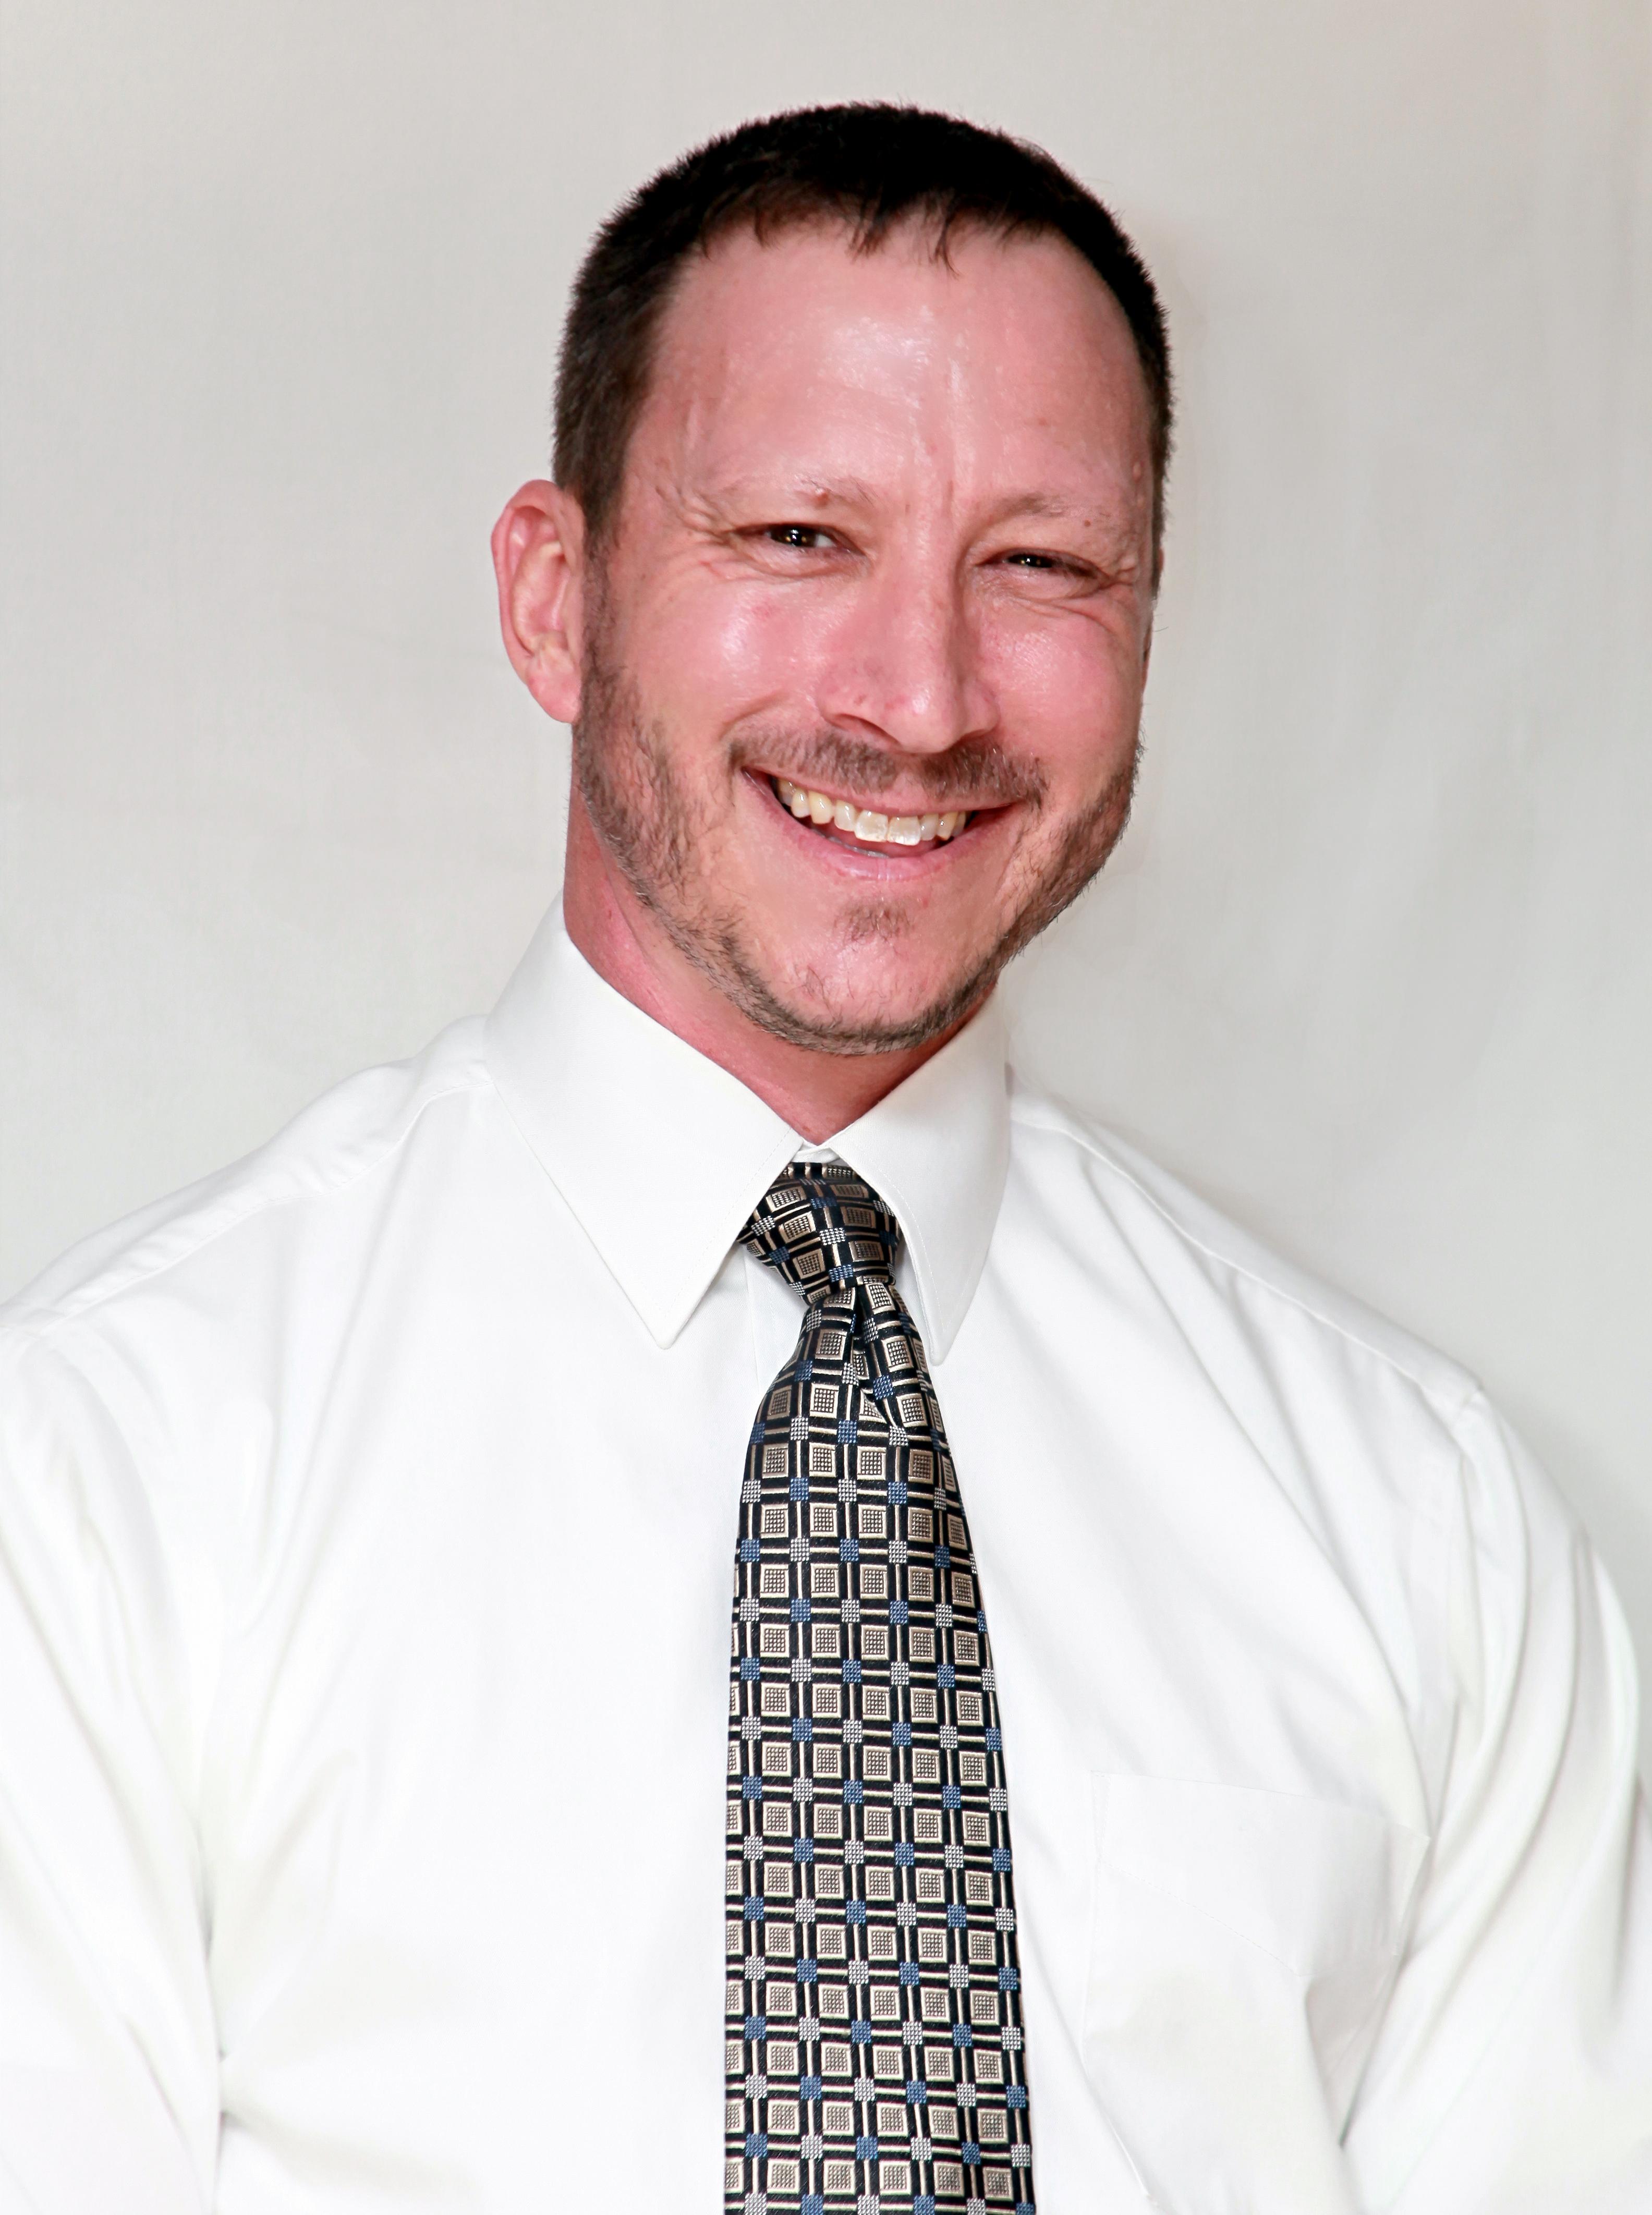 Avatar - Craig Paxson